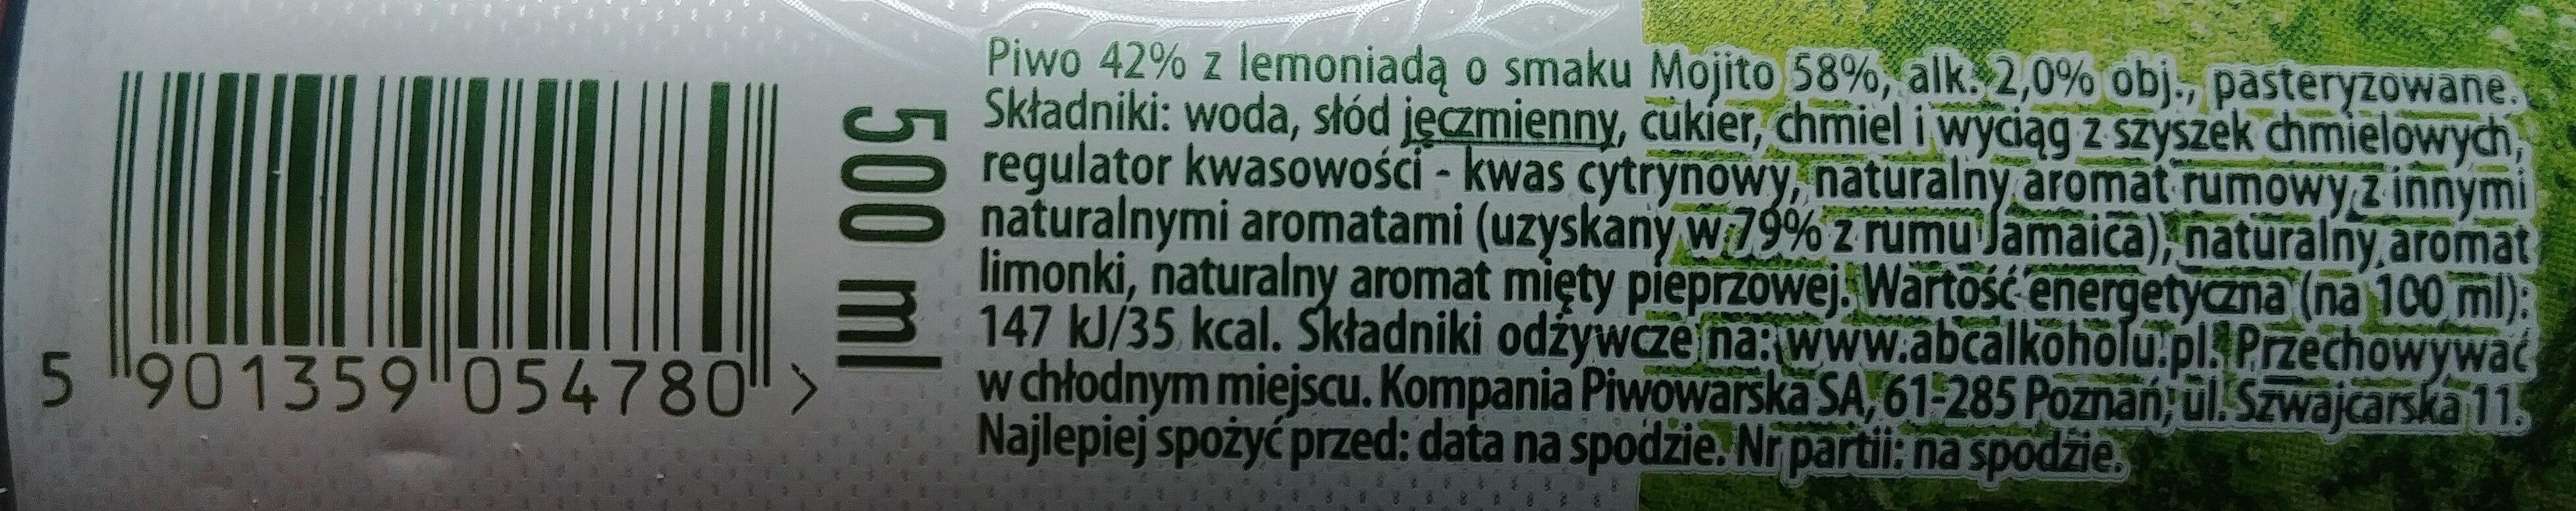 Piwo z lemoniadą o smaku Mojito - Wartości odżywcze